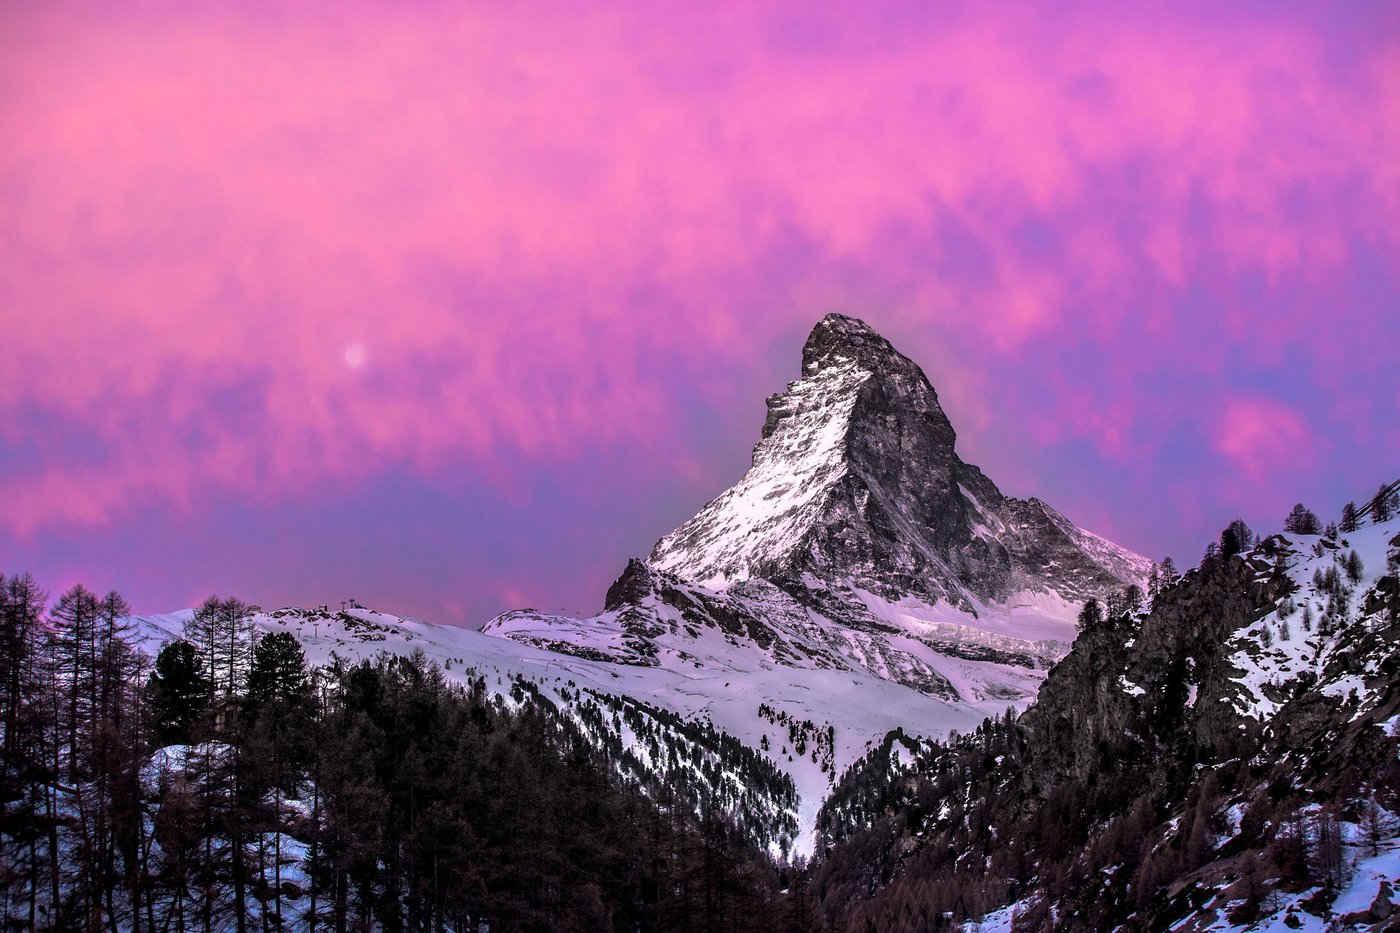 the-matterhorn-s-serene-beauty-hides-great-danger.JPG